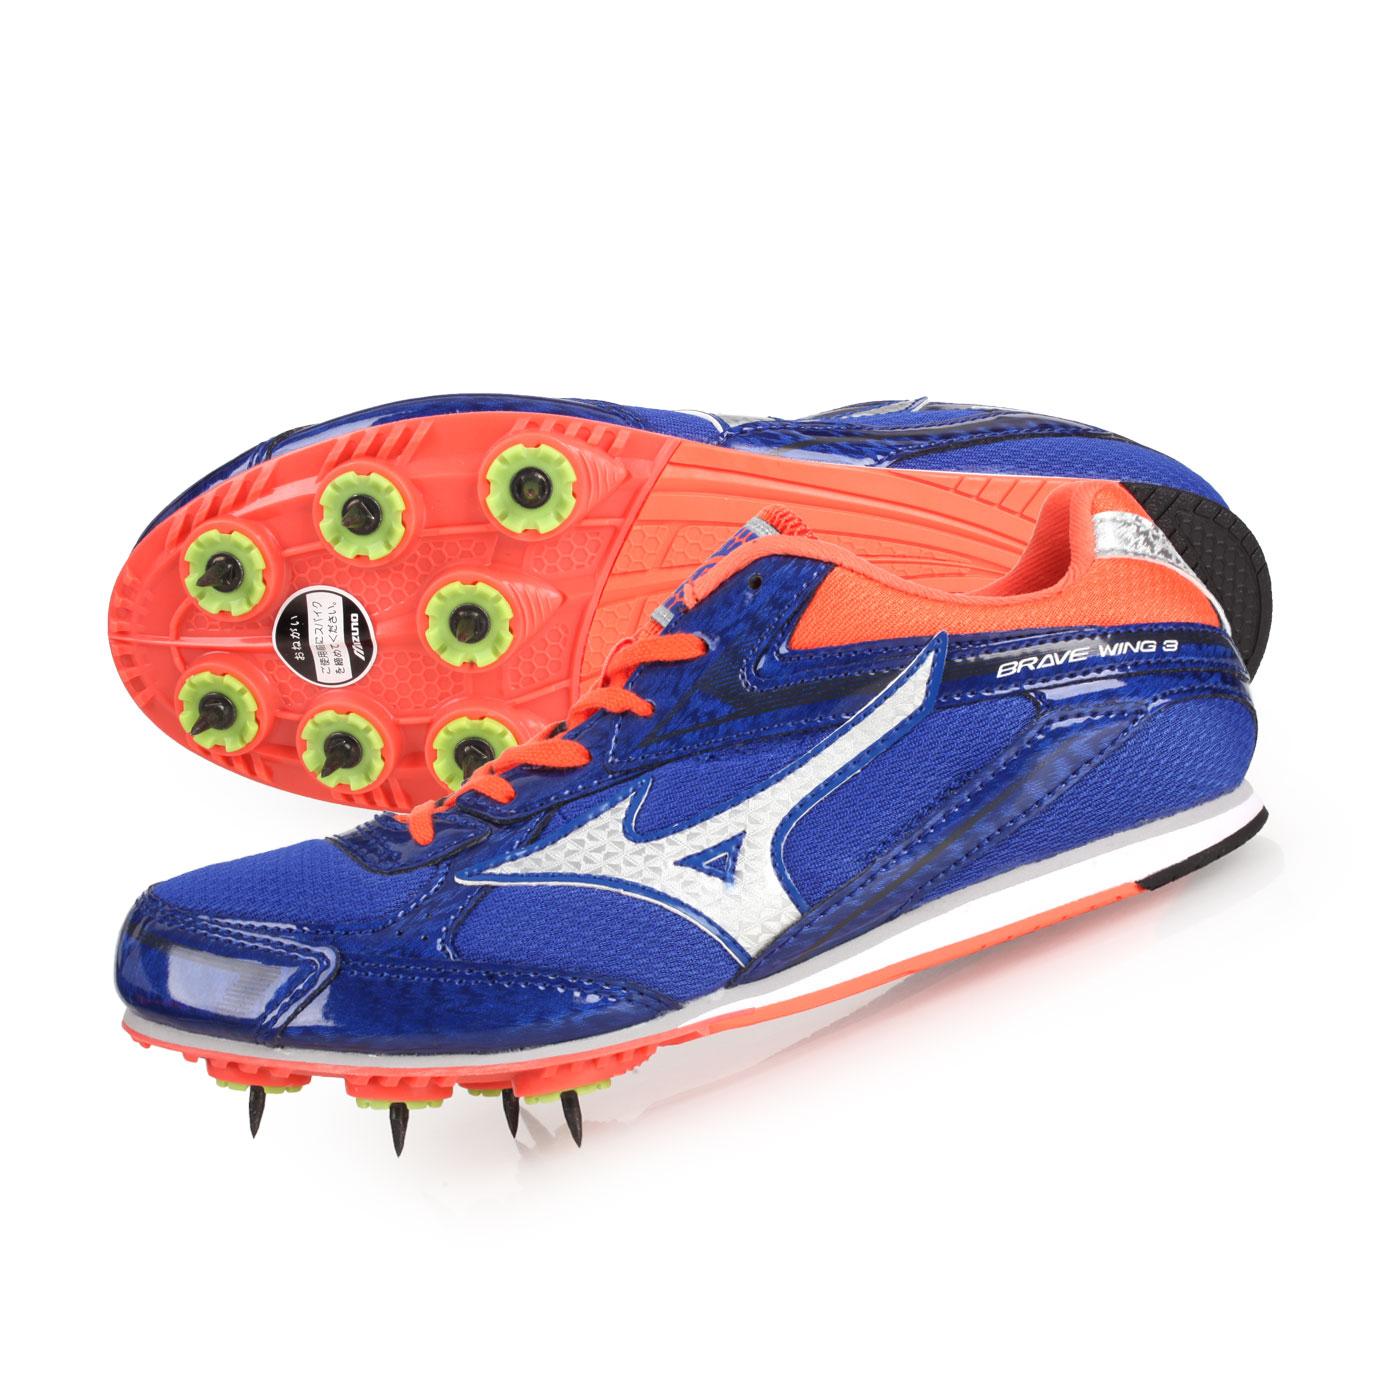 MIZUNO 田徑釘鞋(中長距離)  @BRAVE WING 3@U1GA183005 - 藍灰橘